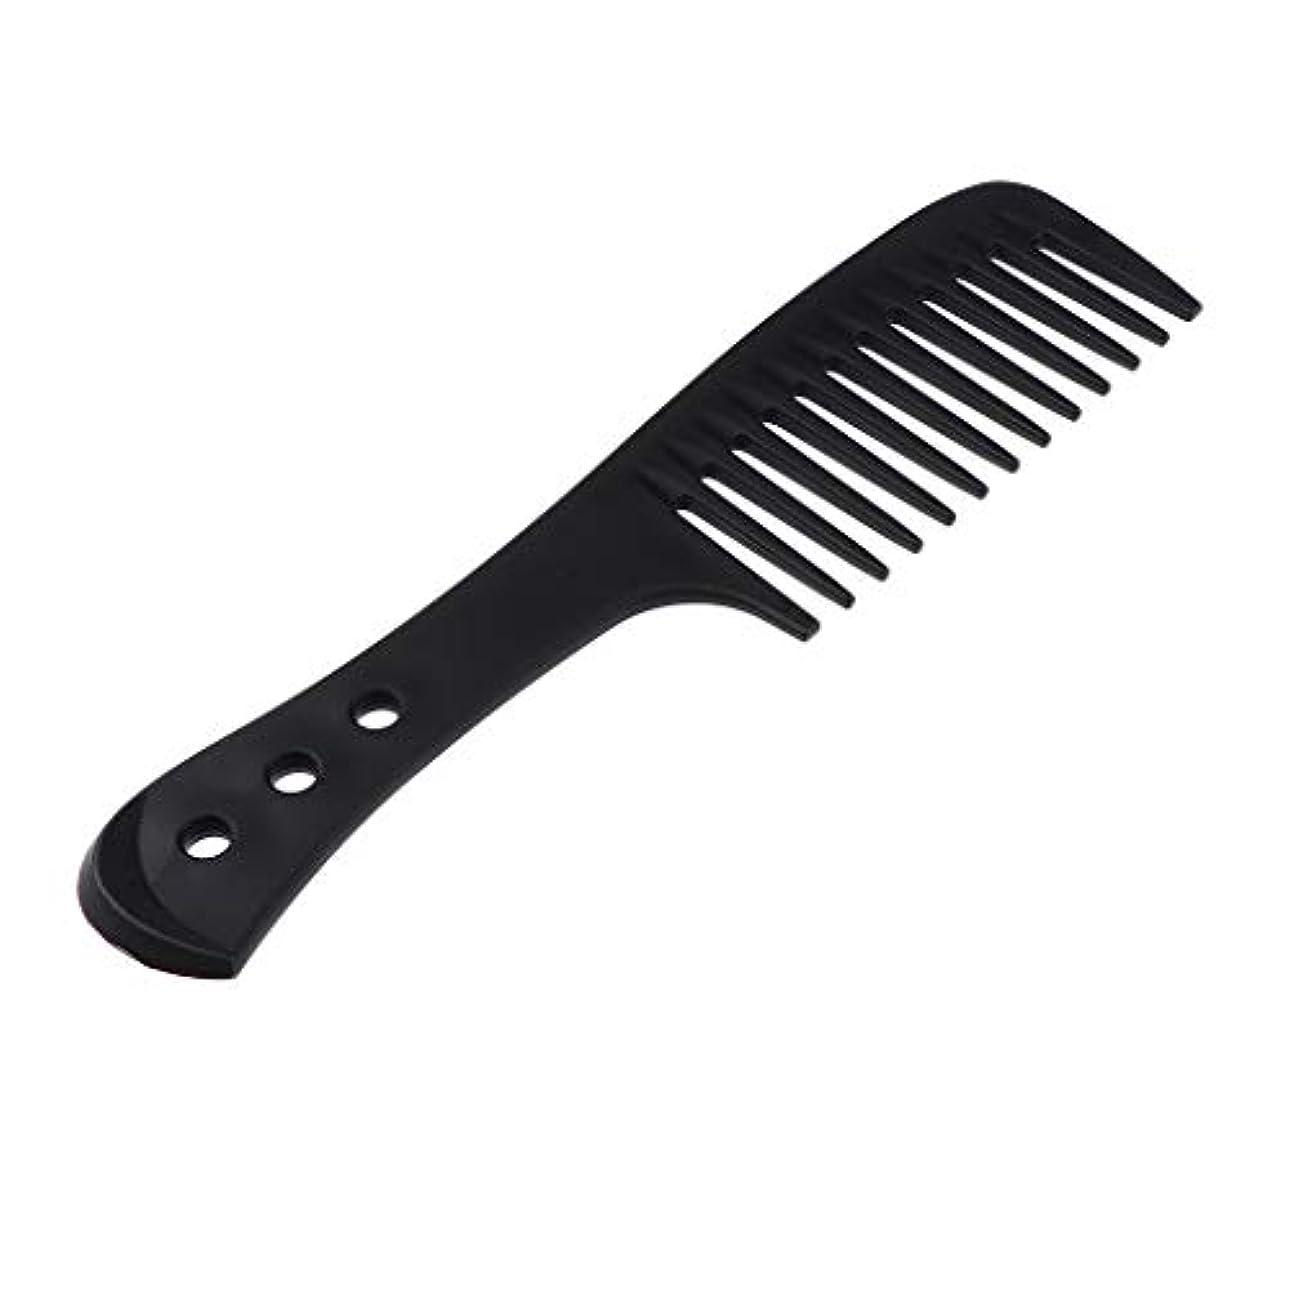 神協力動物園ワイド歯ブラシ 美容整形 美容整形髪ブラシ 全4色 - ブラック